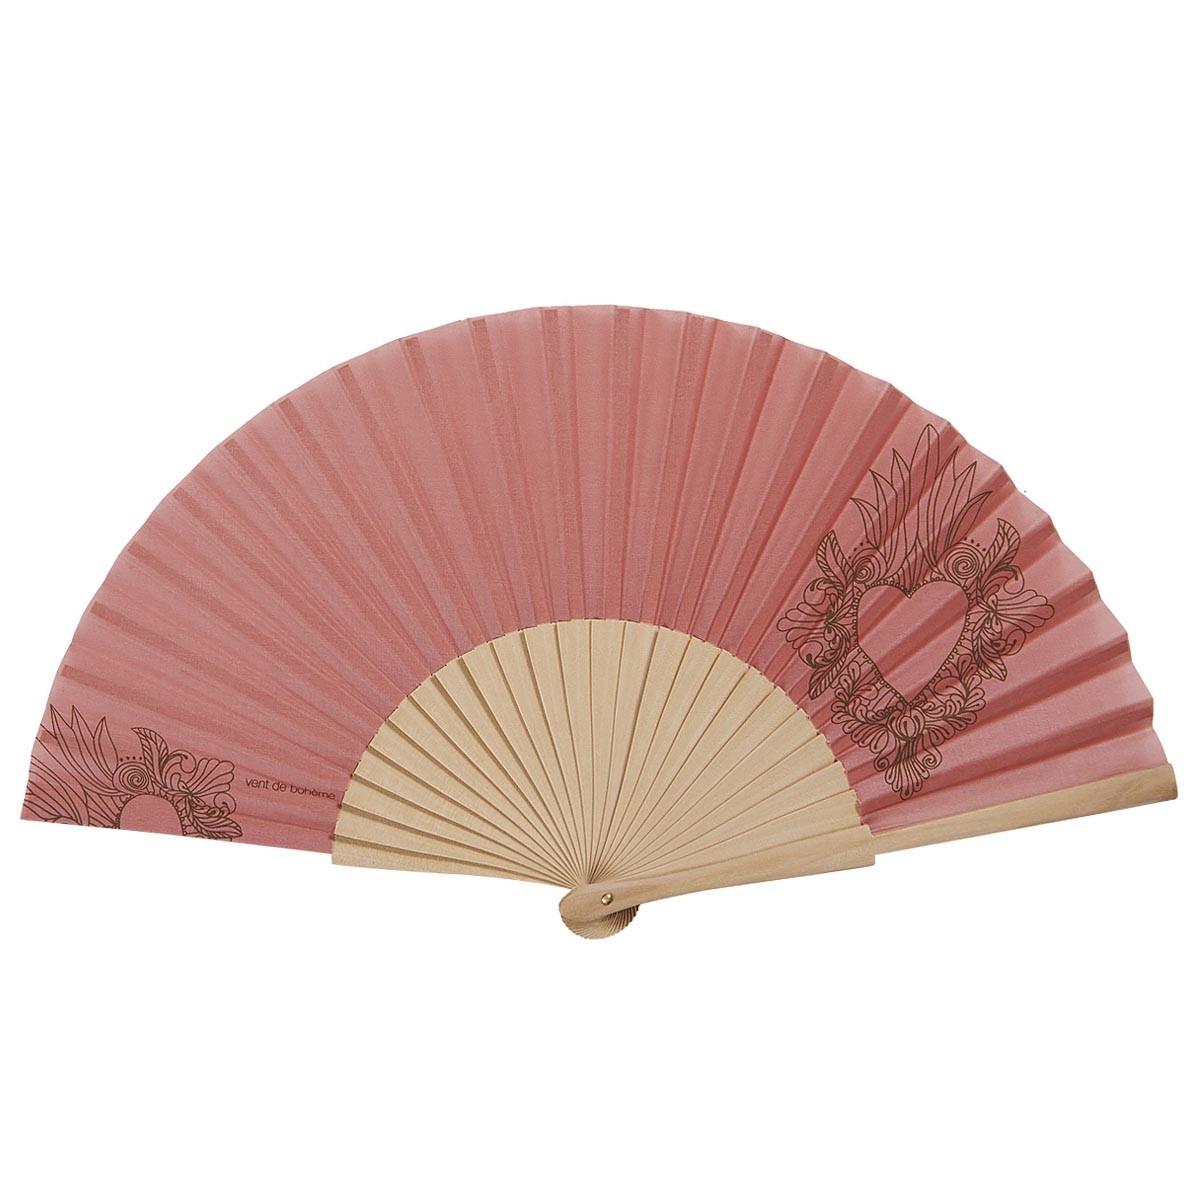 Éventail en bois de bouleau et coton sérigrahié rose